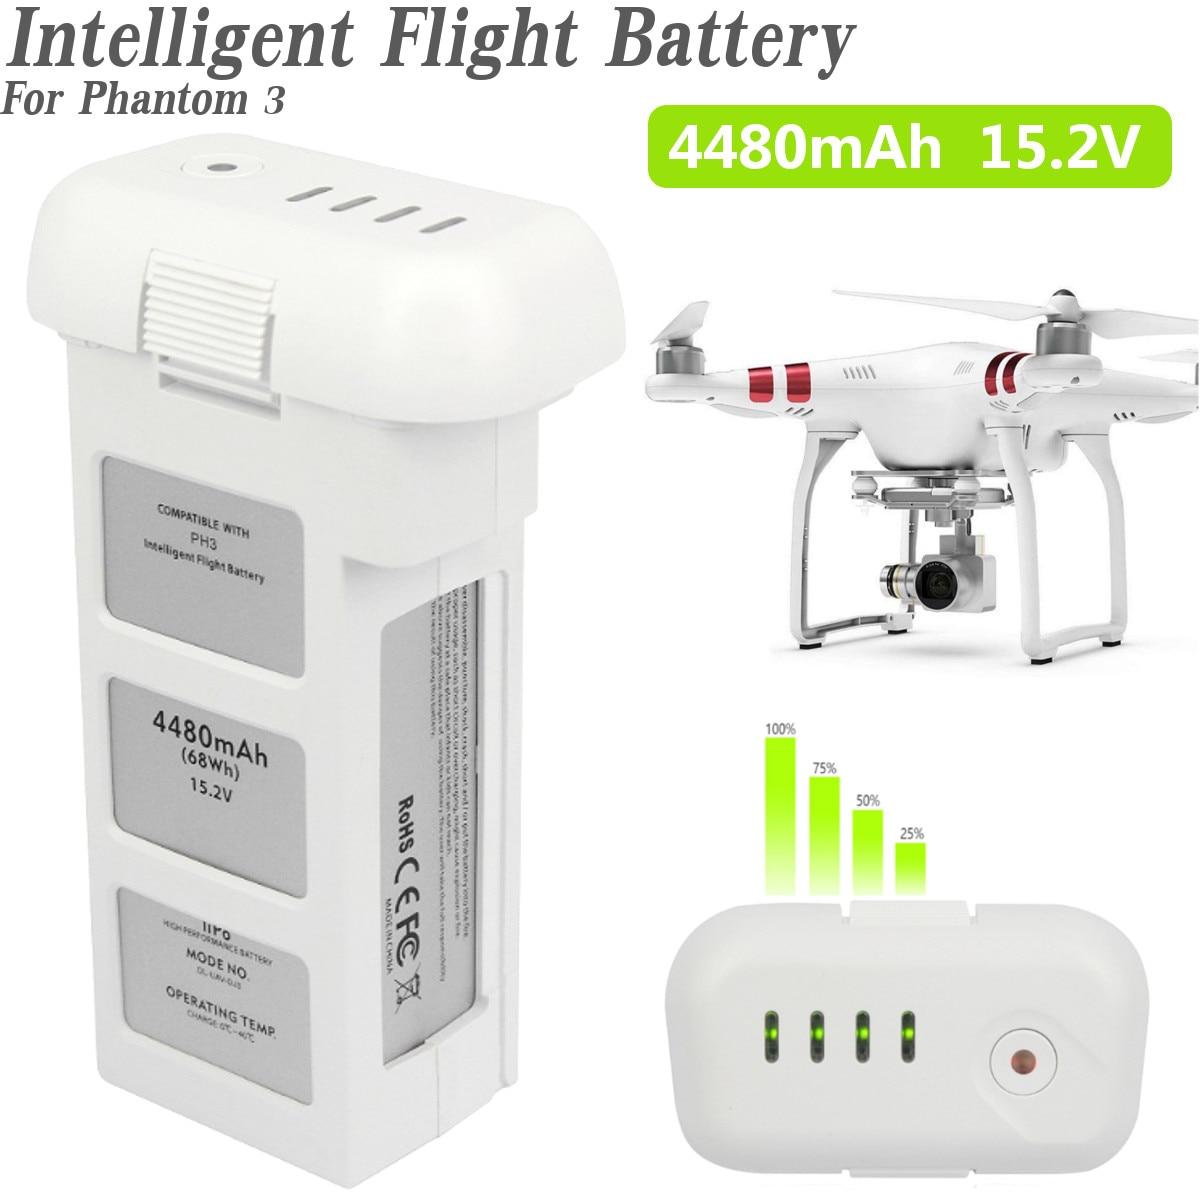 4480 мАч натуральная DJI Phantom 2 3 умный полет батарея 15,2 в, LiPo 4S 856678 P потребительский электронный Дрон батарея 2019 Новый